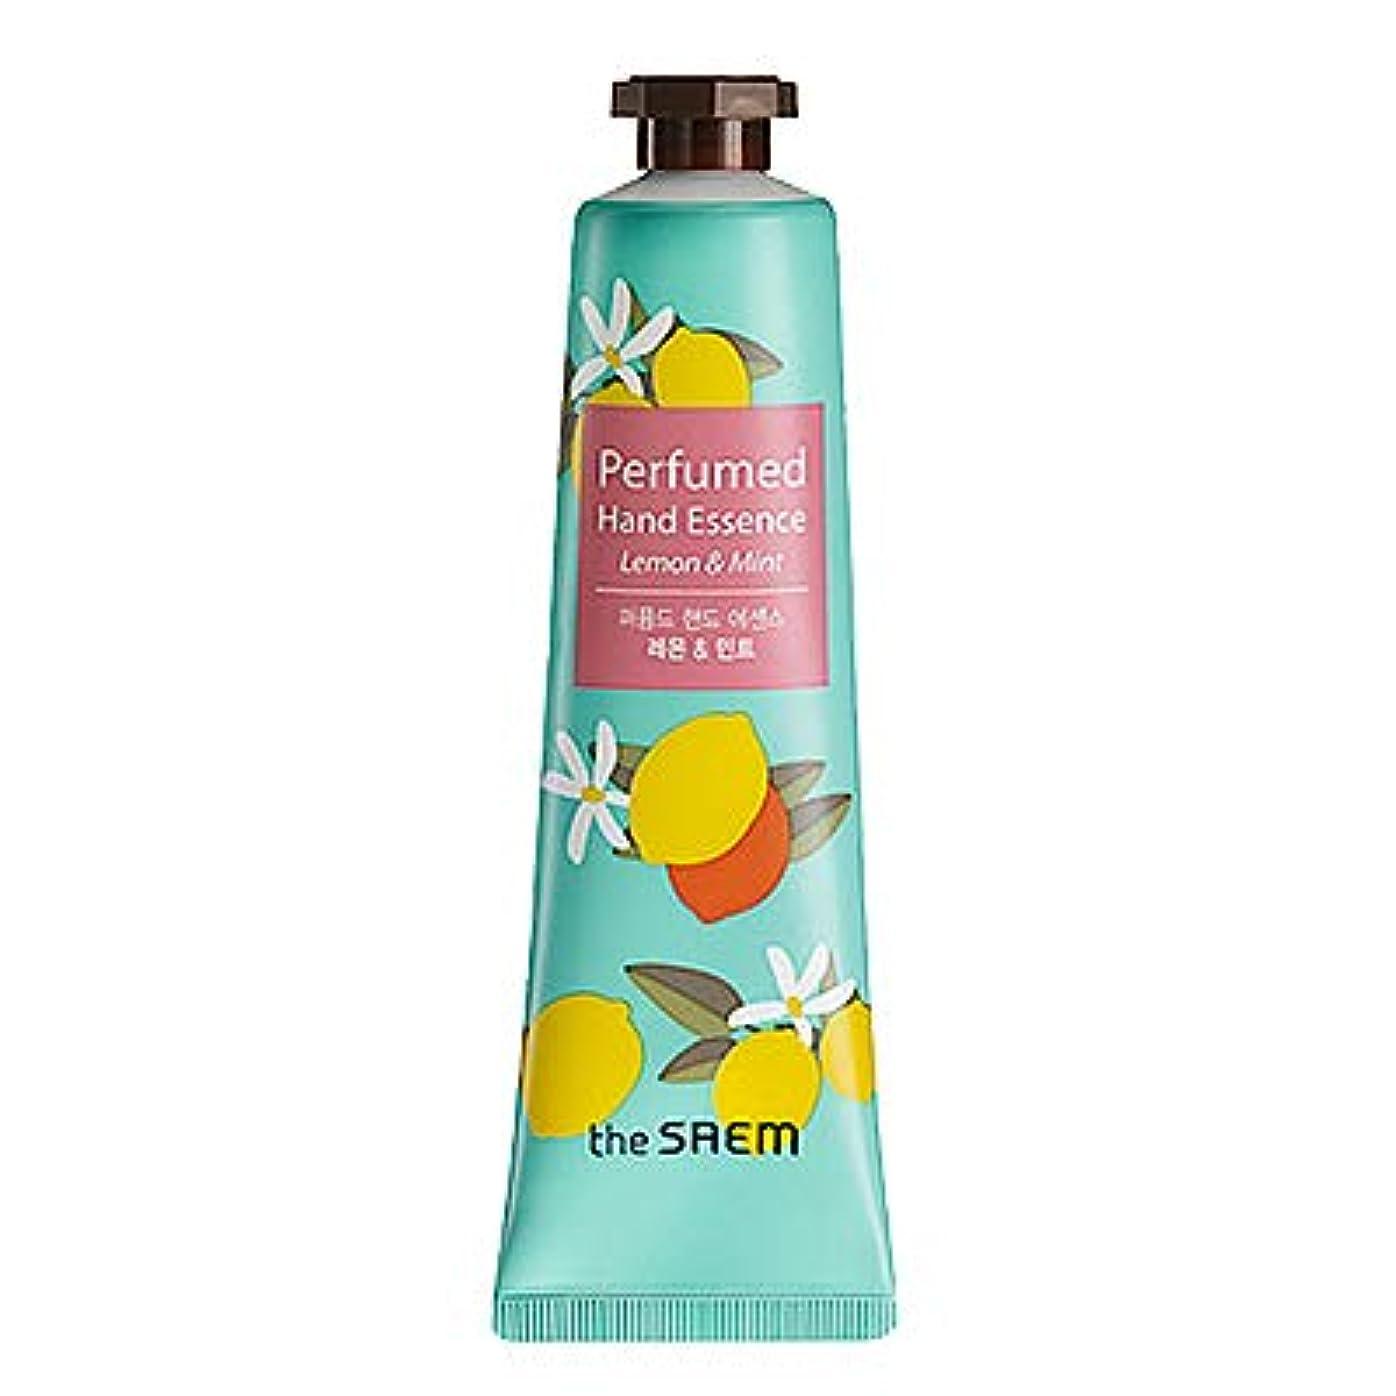 そこ本能中にtheSAEM ザセム パヒューム ハンド エッセンス ハンド クリーム PERFUMED HAND CREAM ESSENCE 韓国コスメ (D-Remon Mint(レモン&ミント))